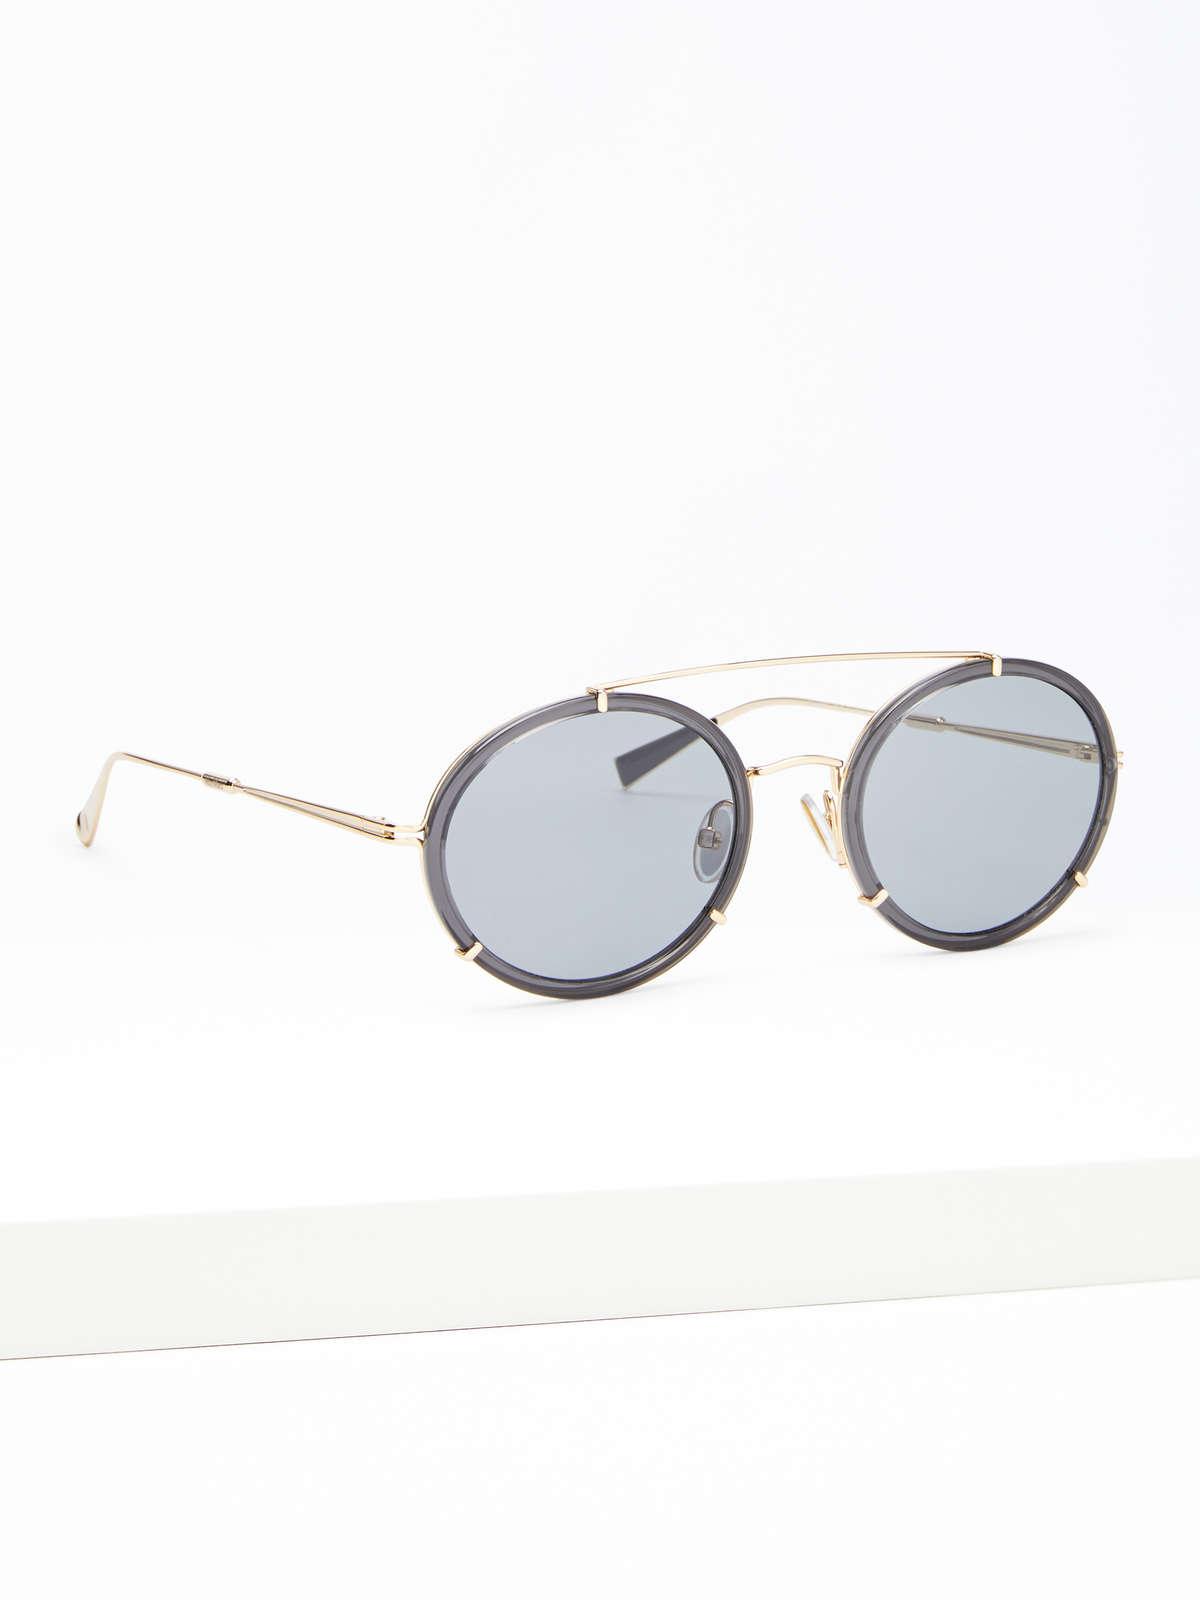 Max Mara - Schmale ovale Sonnenbrille - 2